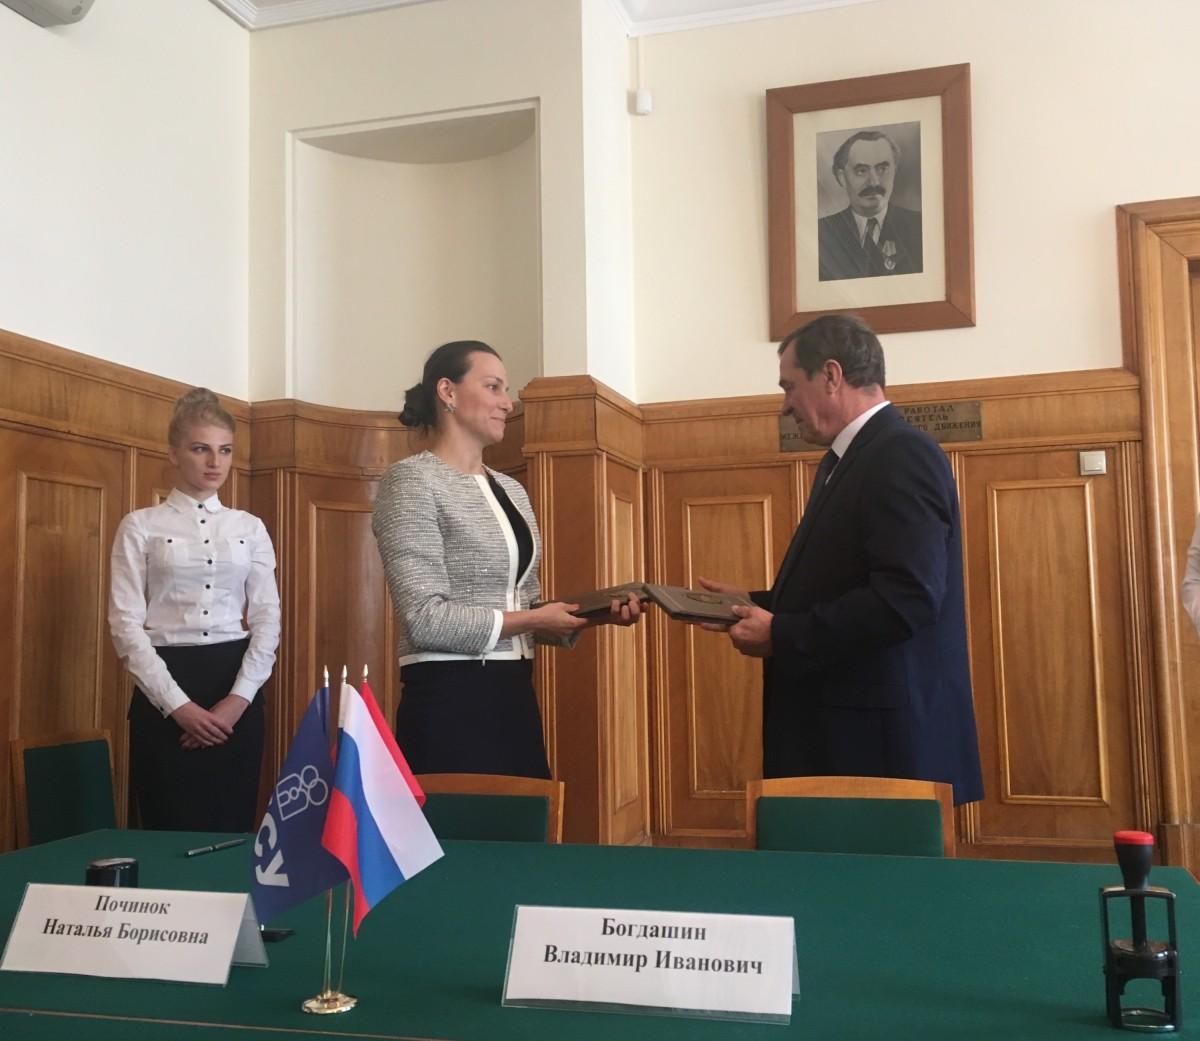 Cостоялось подписание договора о сотрудничестве в области образования и науки.